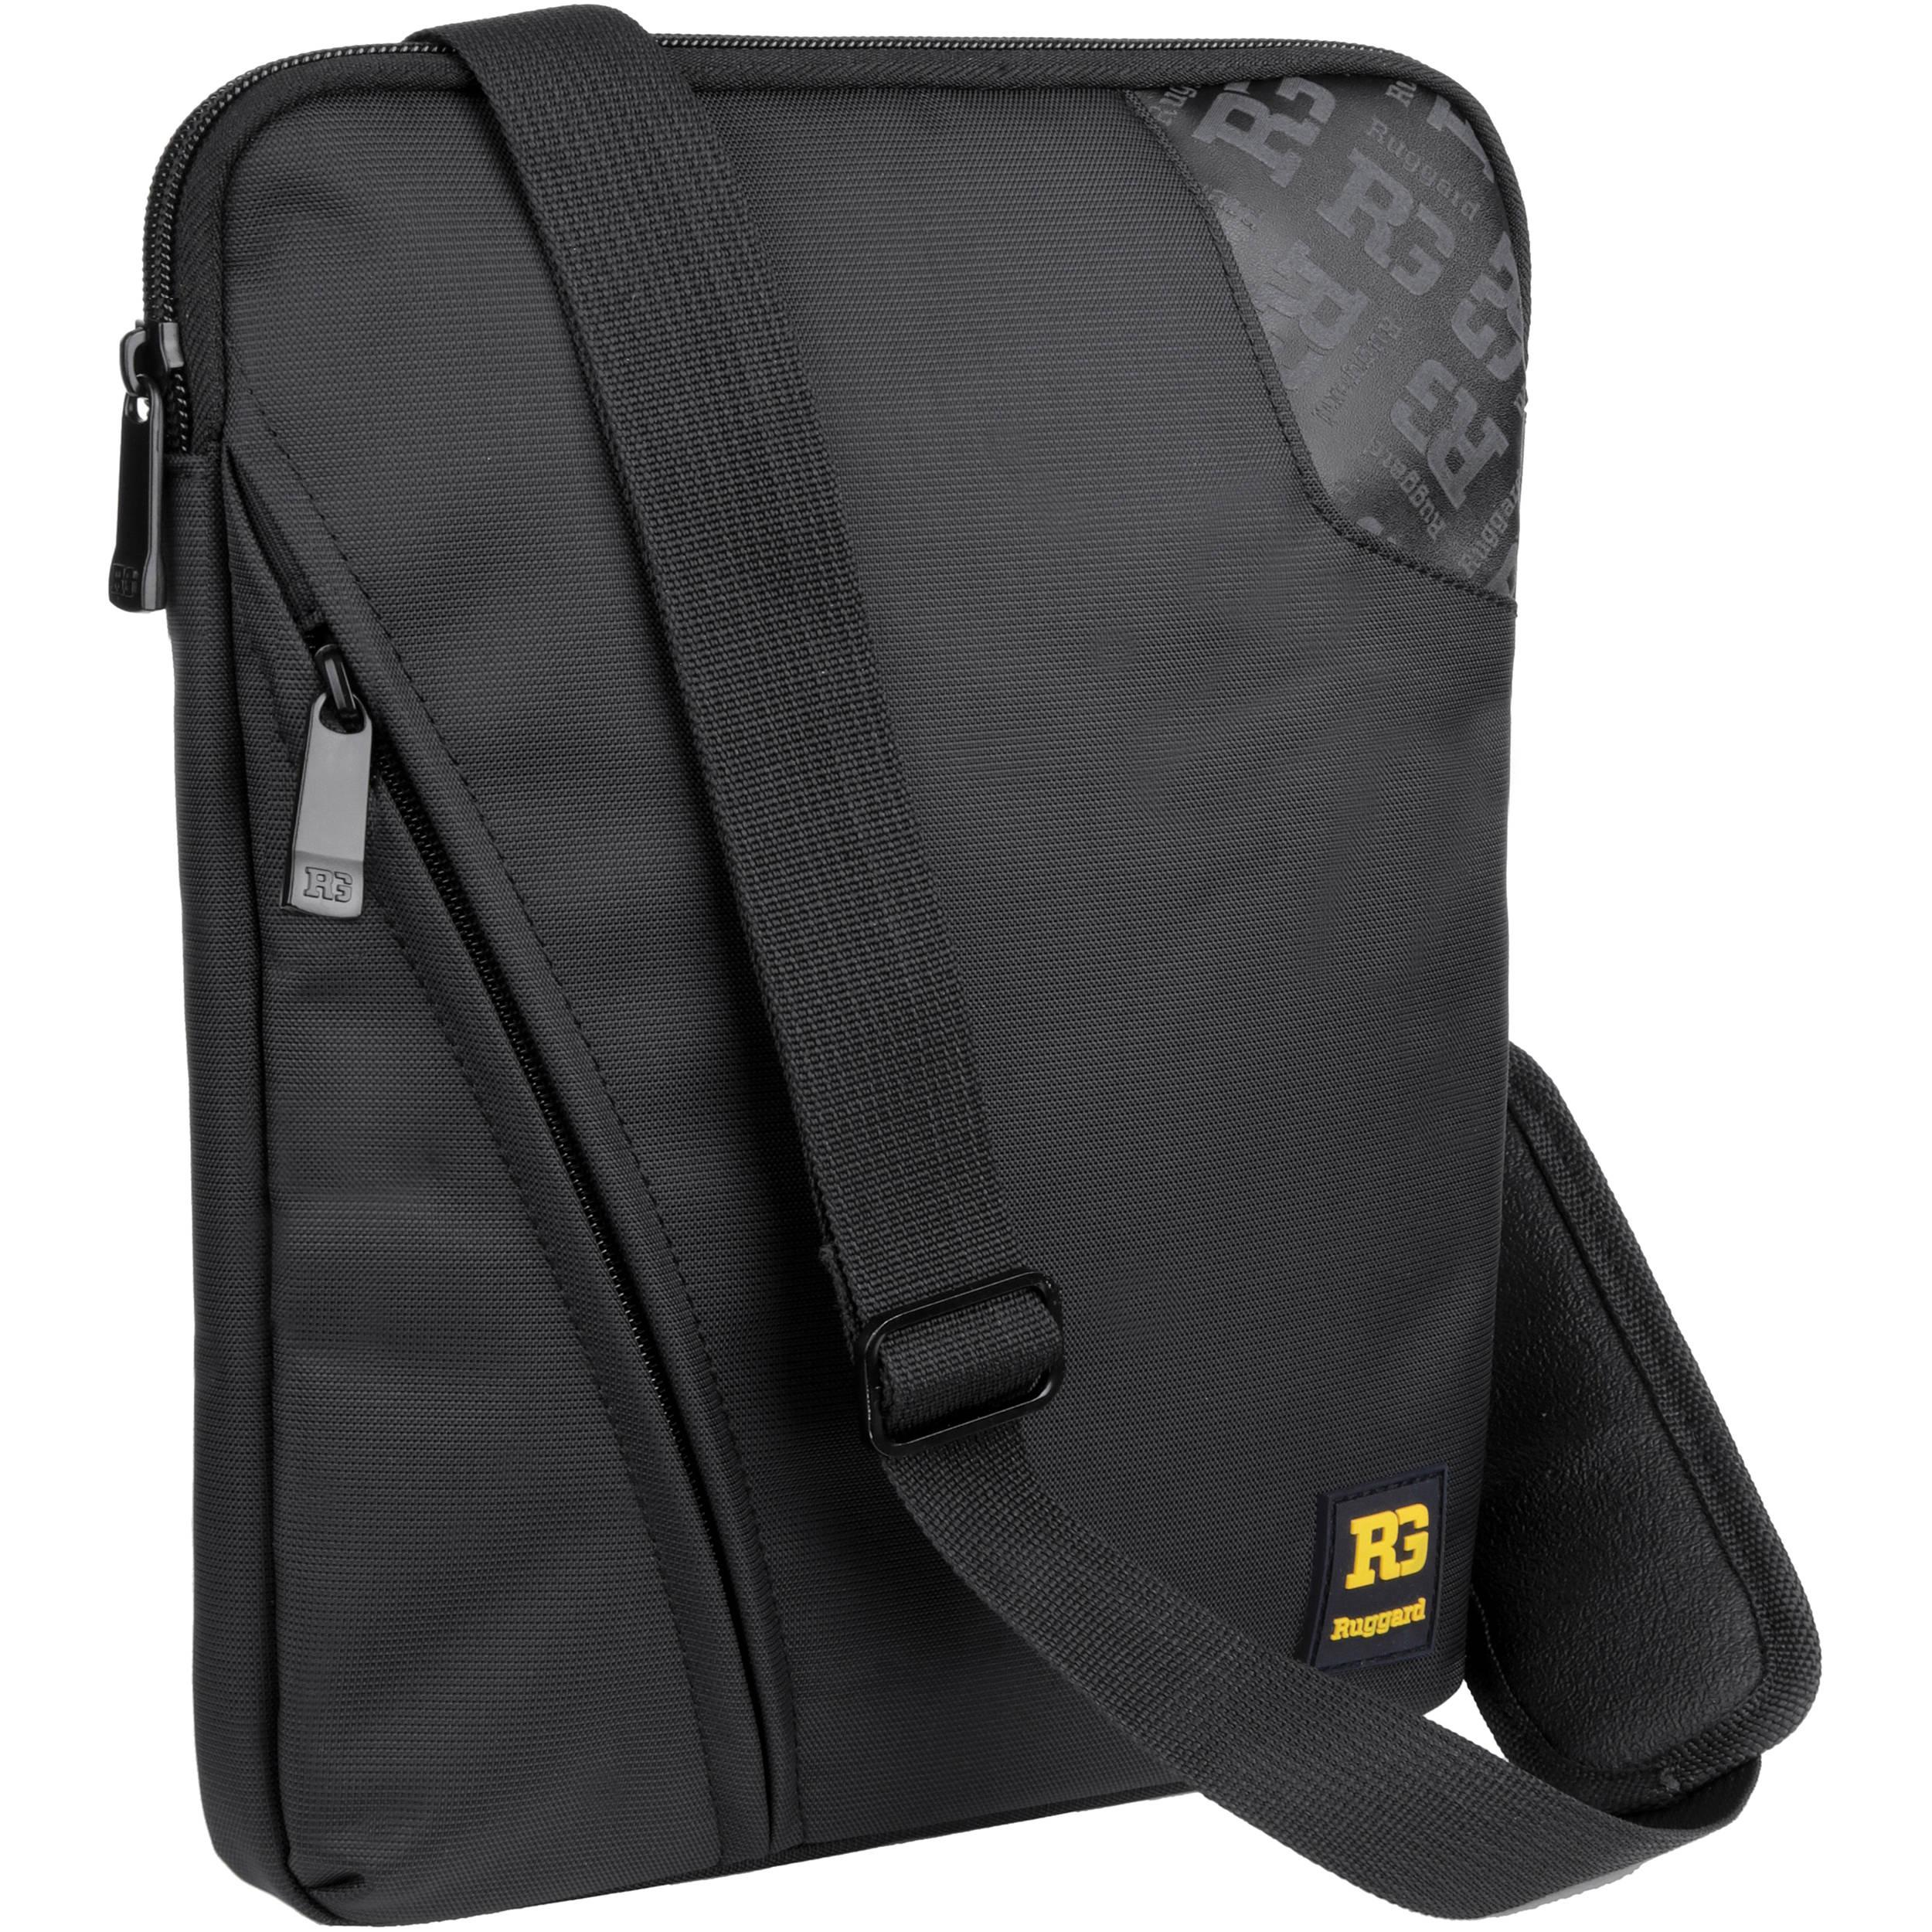 Ruggard 10 Notebook Sling Bag